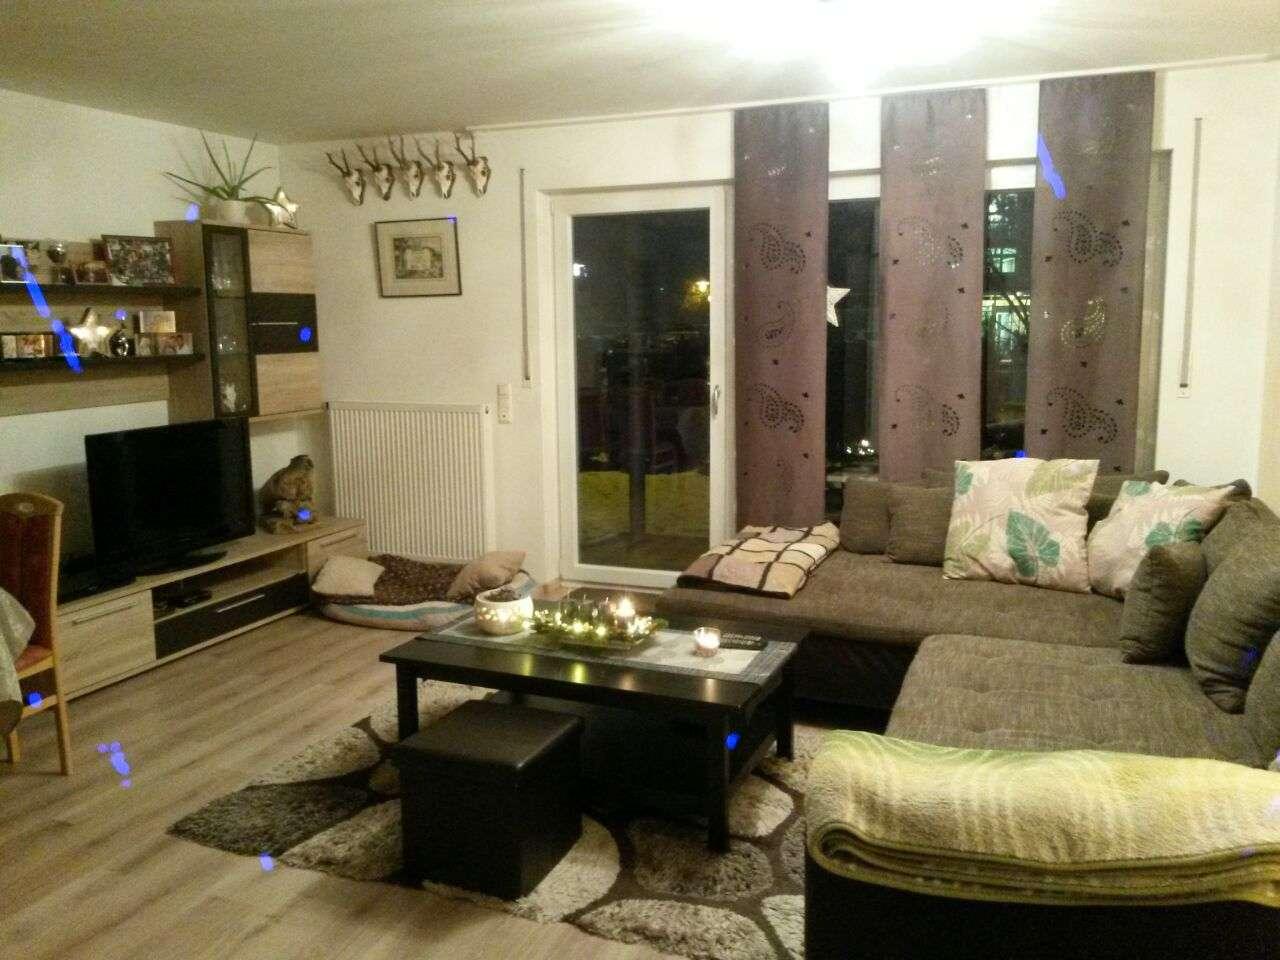 Exklusive, helle2 Zimmer Wohnung im Erdgeschoß mit 65qm, in sehr schöner Lage in Schwandorf. in